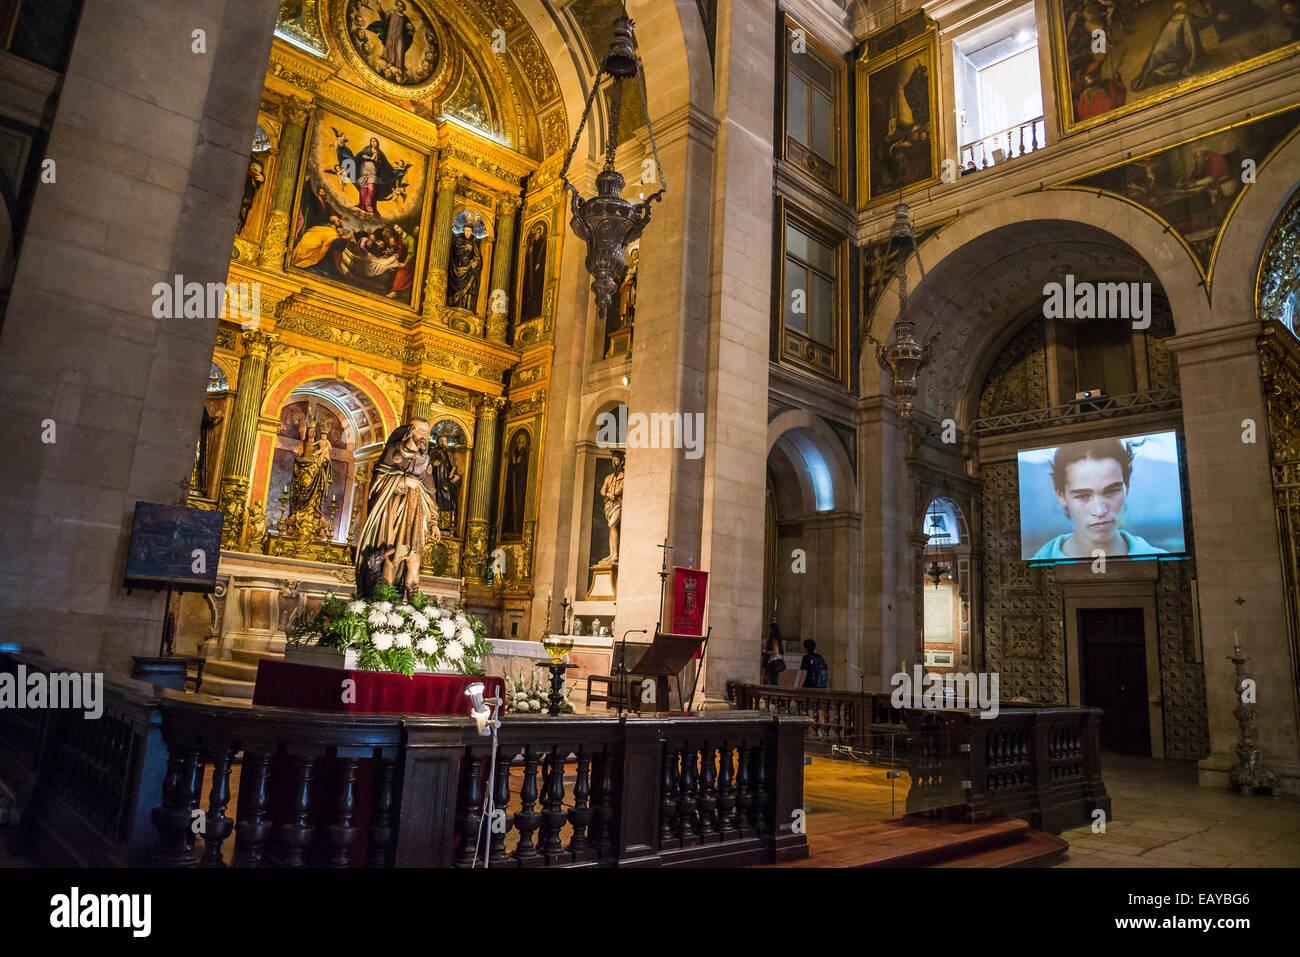 https://c8.alamy.com/compde/eaybg6/kirche-saint-roch-interieur-video-ausstellung-zeitgenossischer-kunst-igreja-de-so-roque-lissabon-portugal-eaybg6.jpg